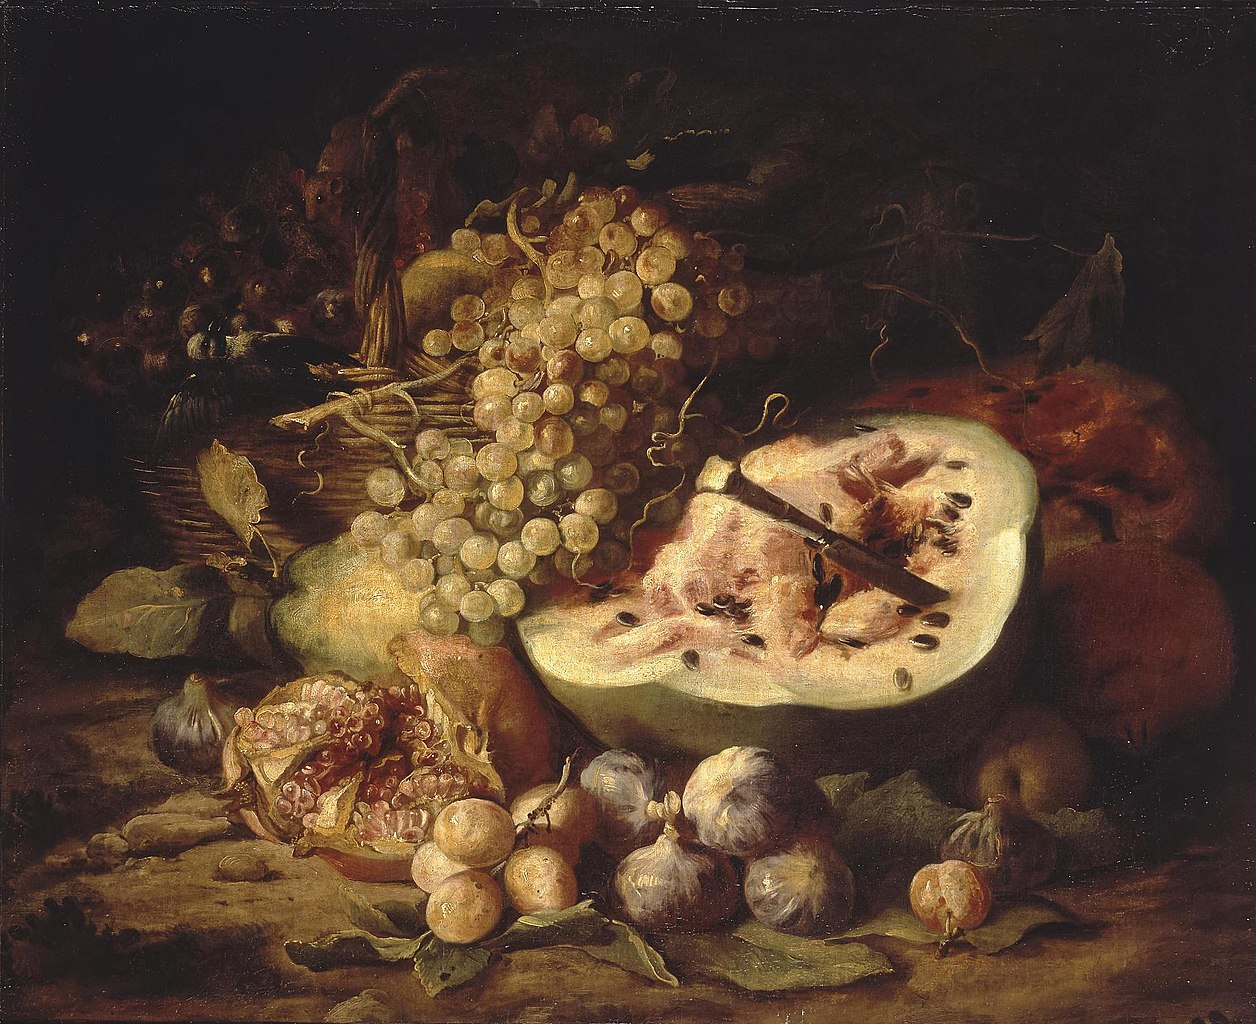 Abraham Breughel, Fruit Still Life (1670s), oil on canvas